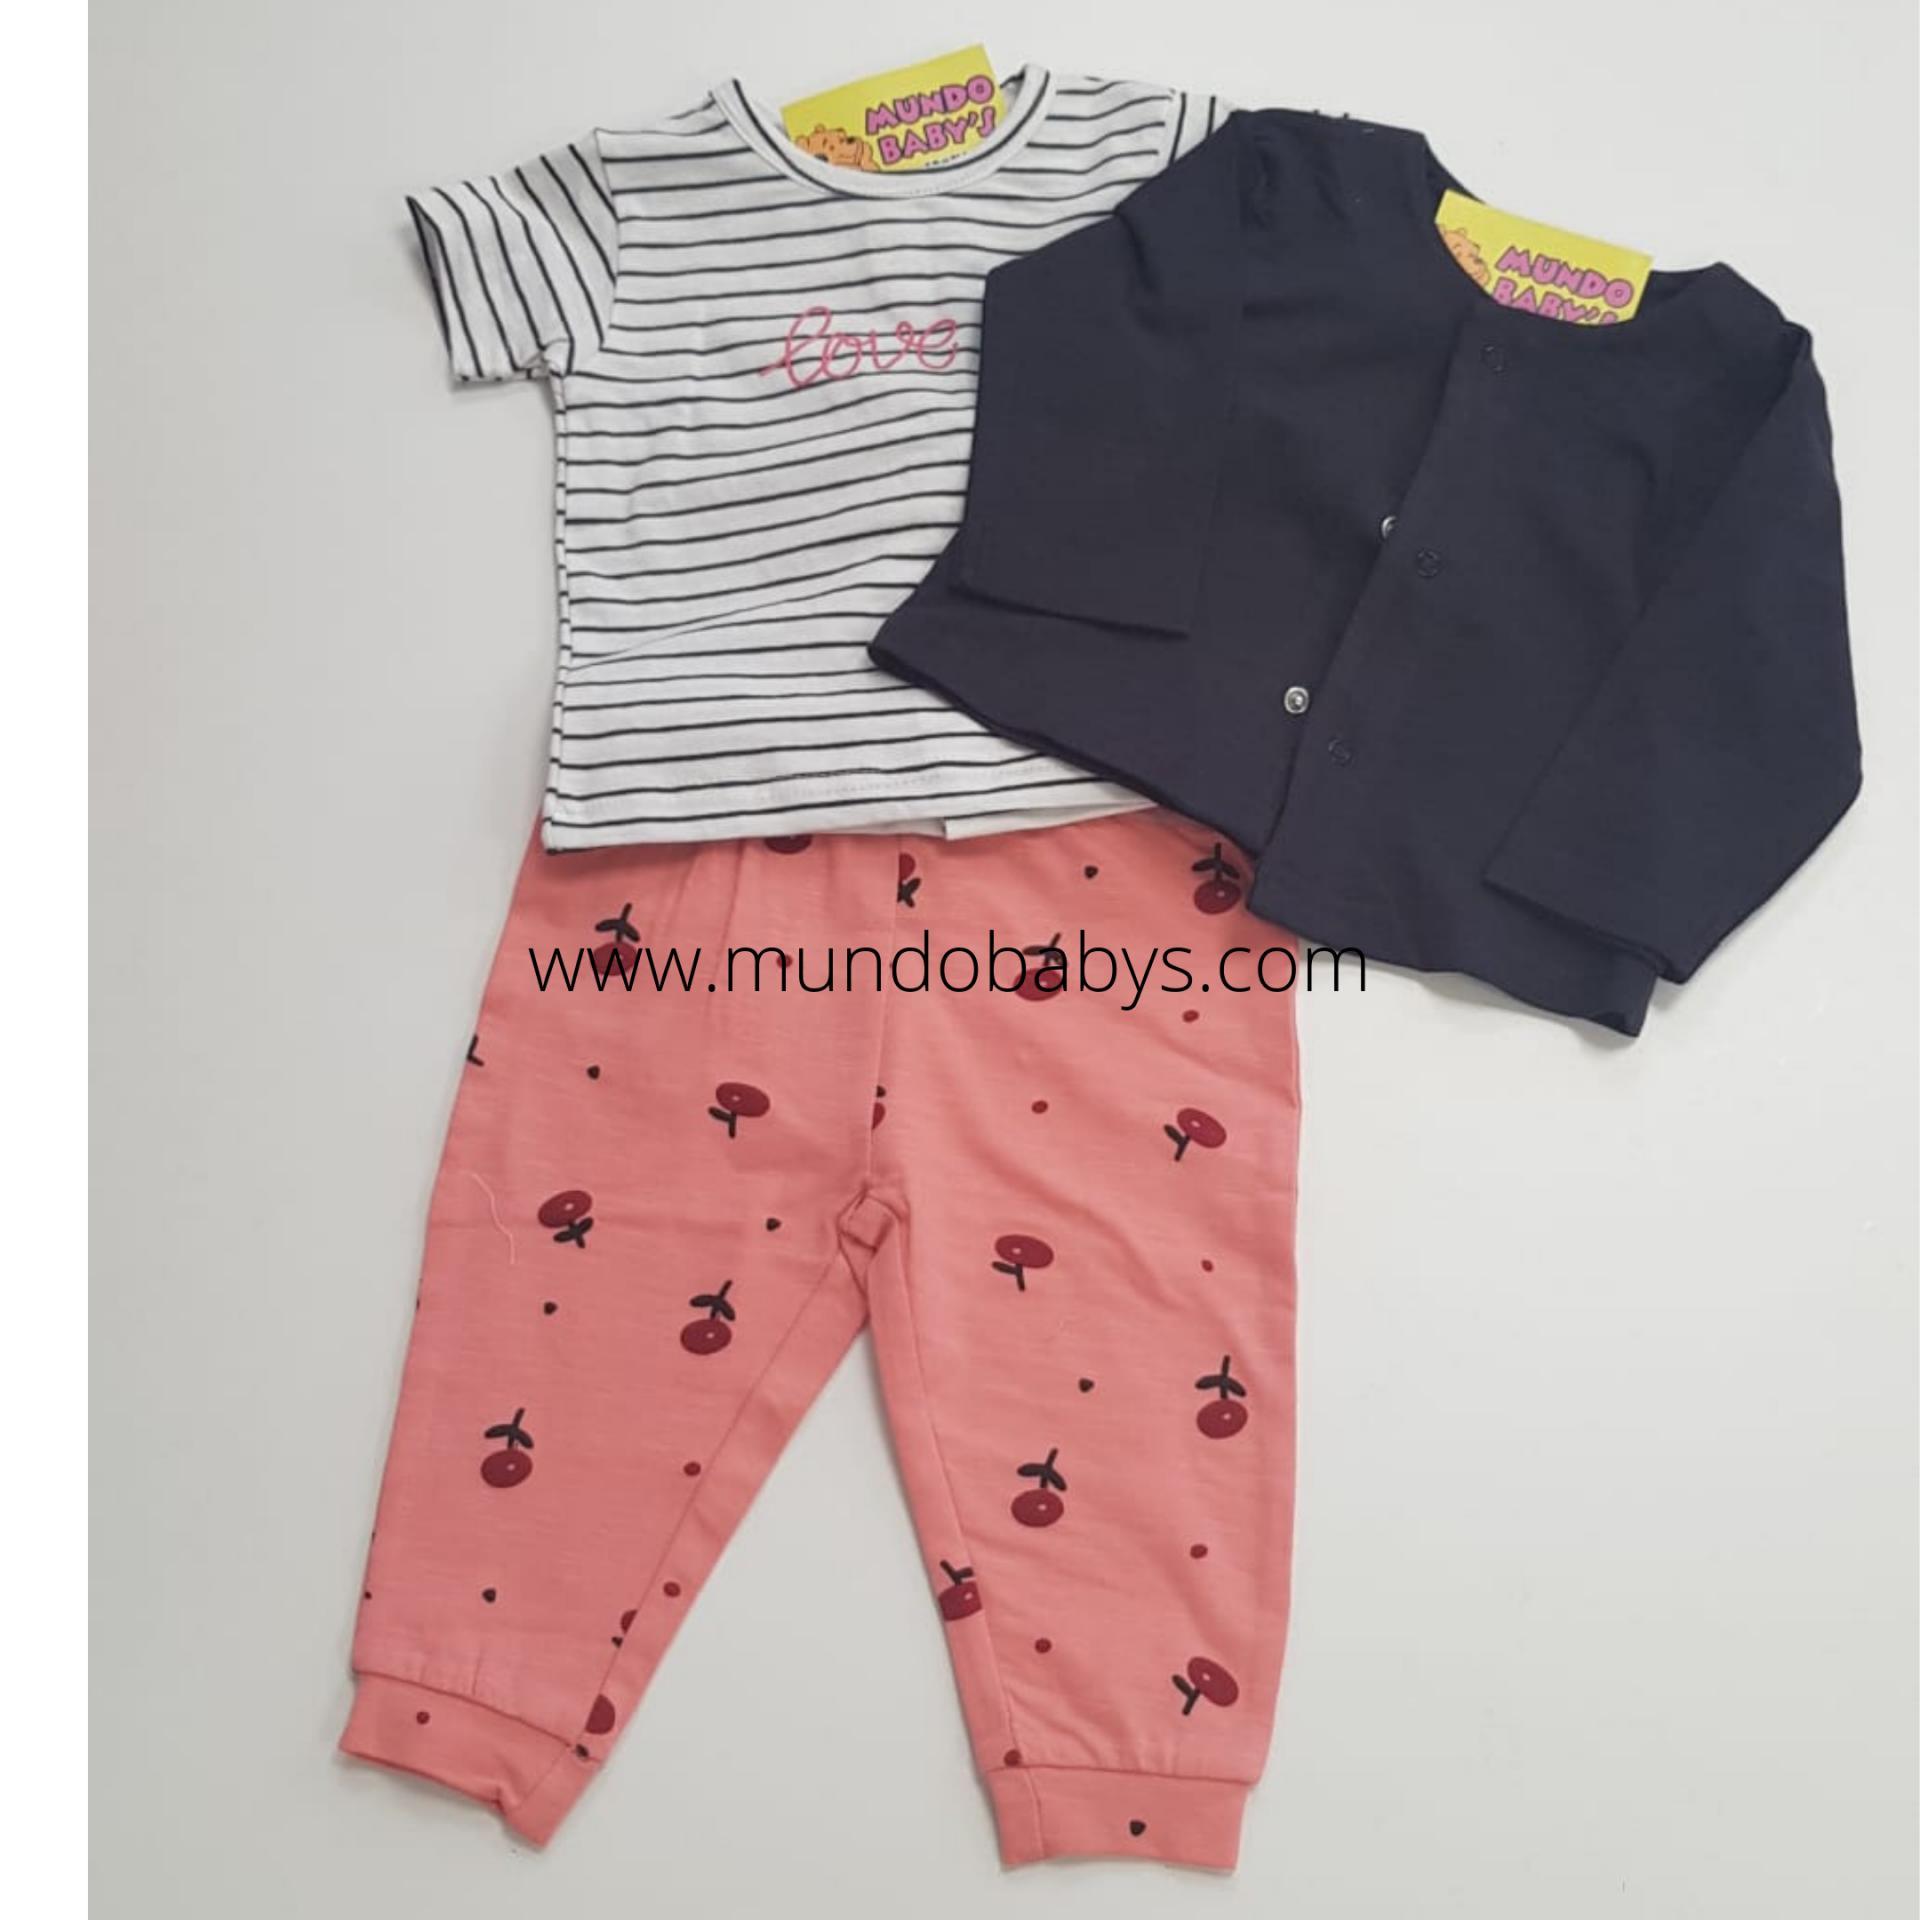 Chaqueta con camiseta rayas y pantalón en cerezas